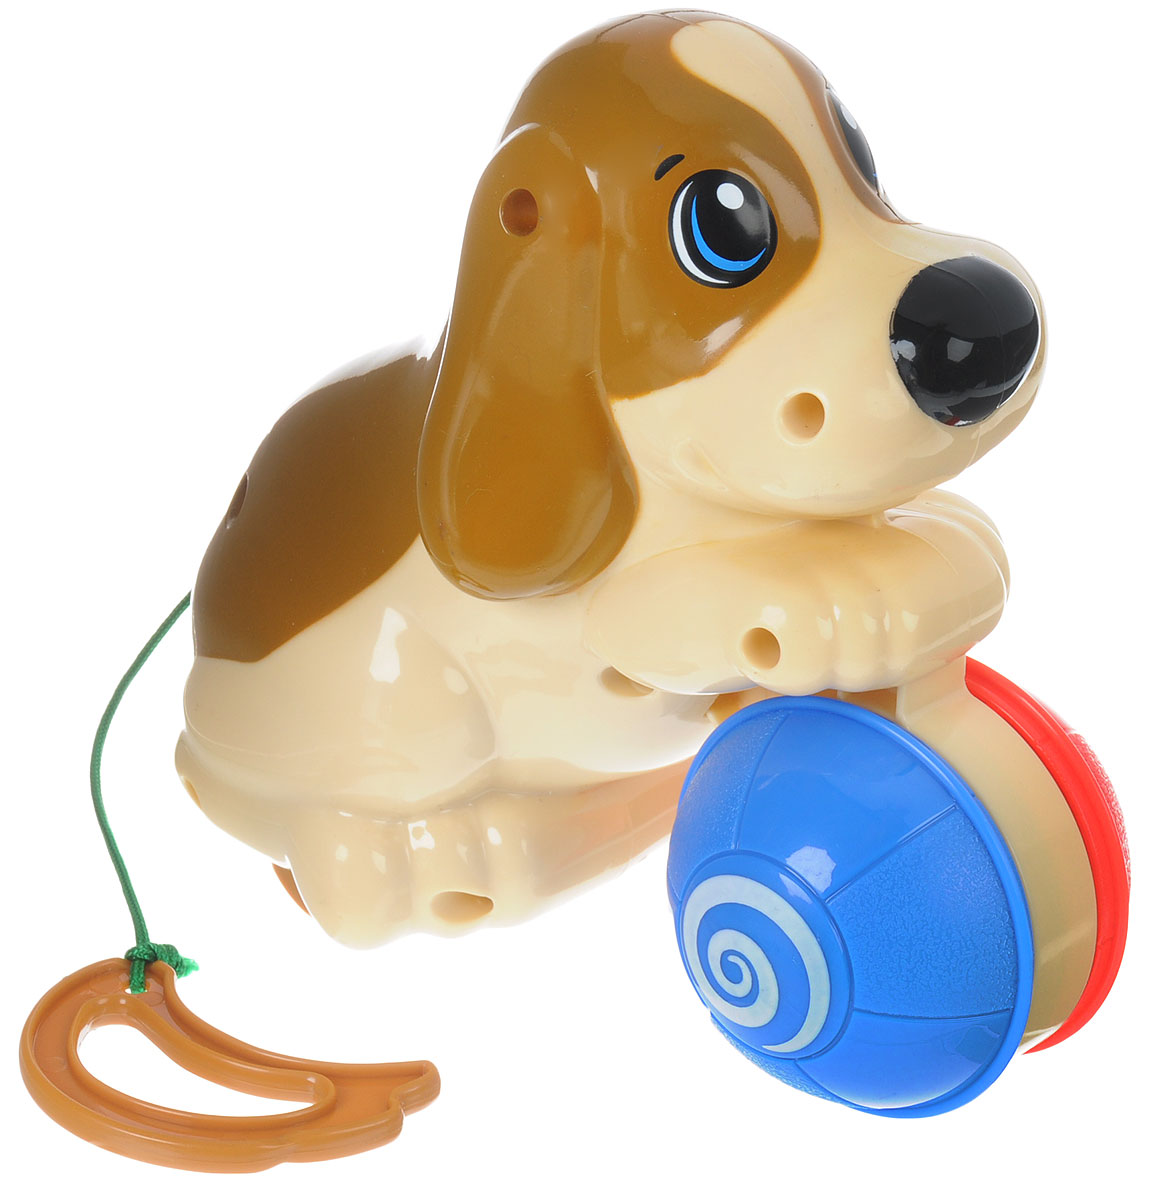 Keenway Развивающая игрушка Веселый щенок паровозик веселый keenway с паззлами